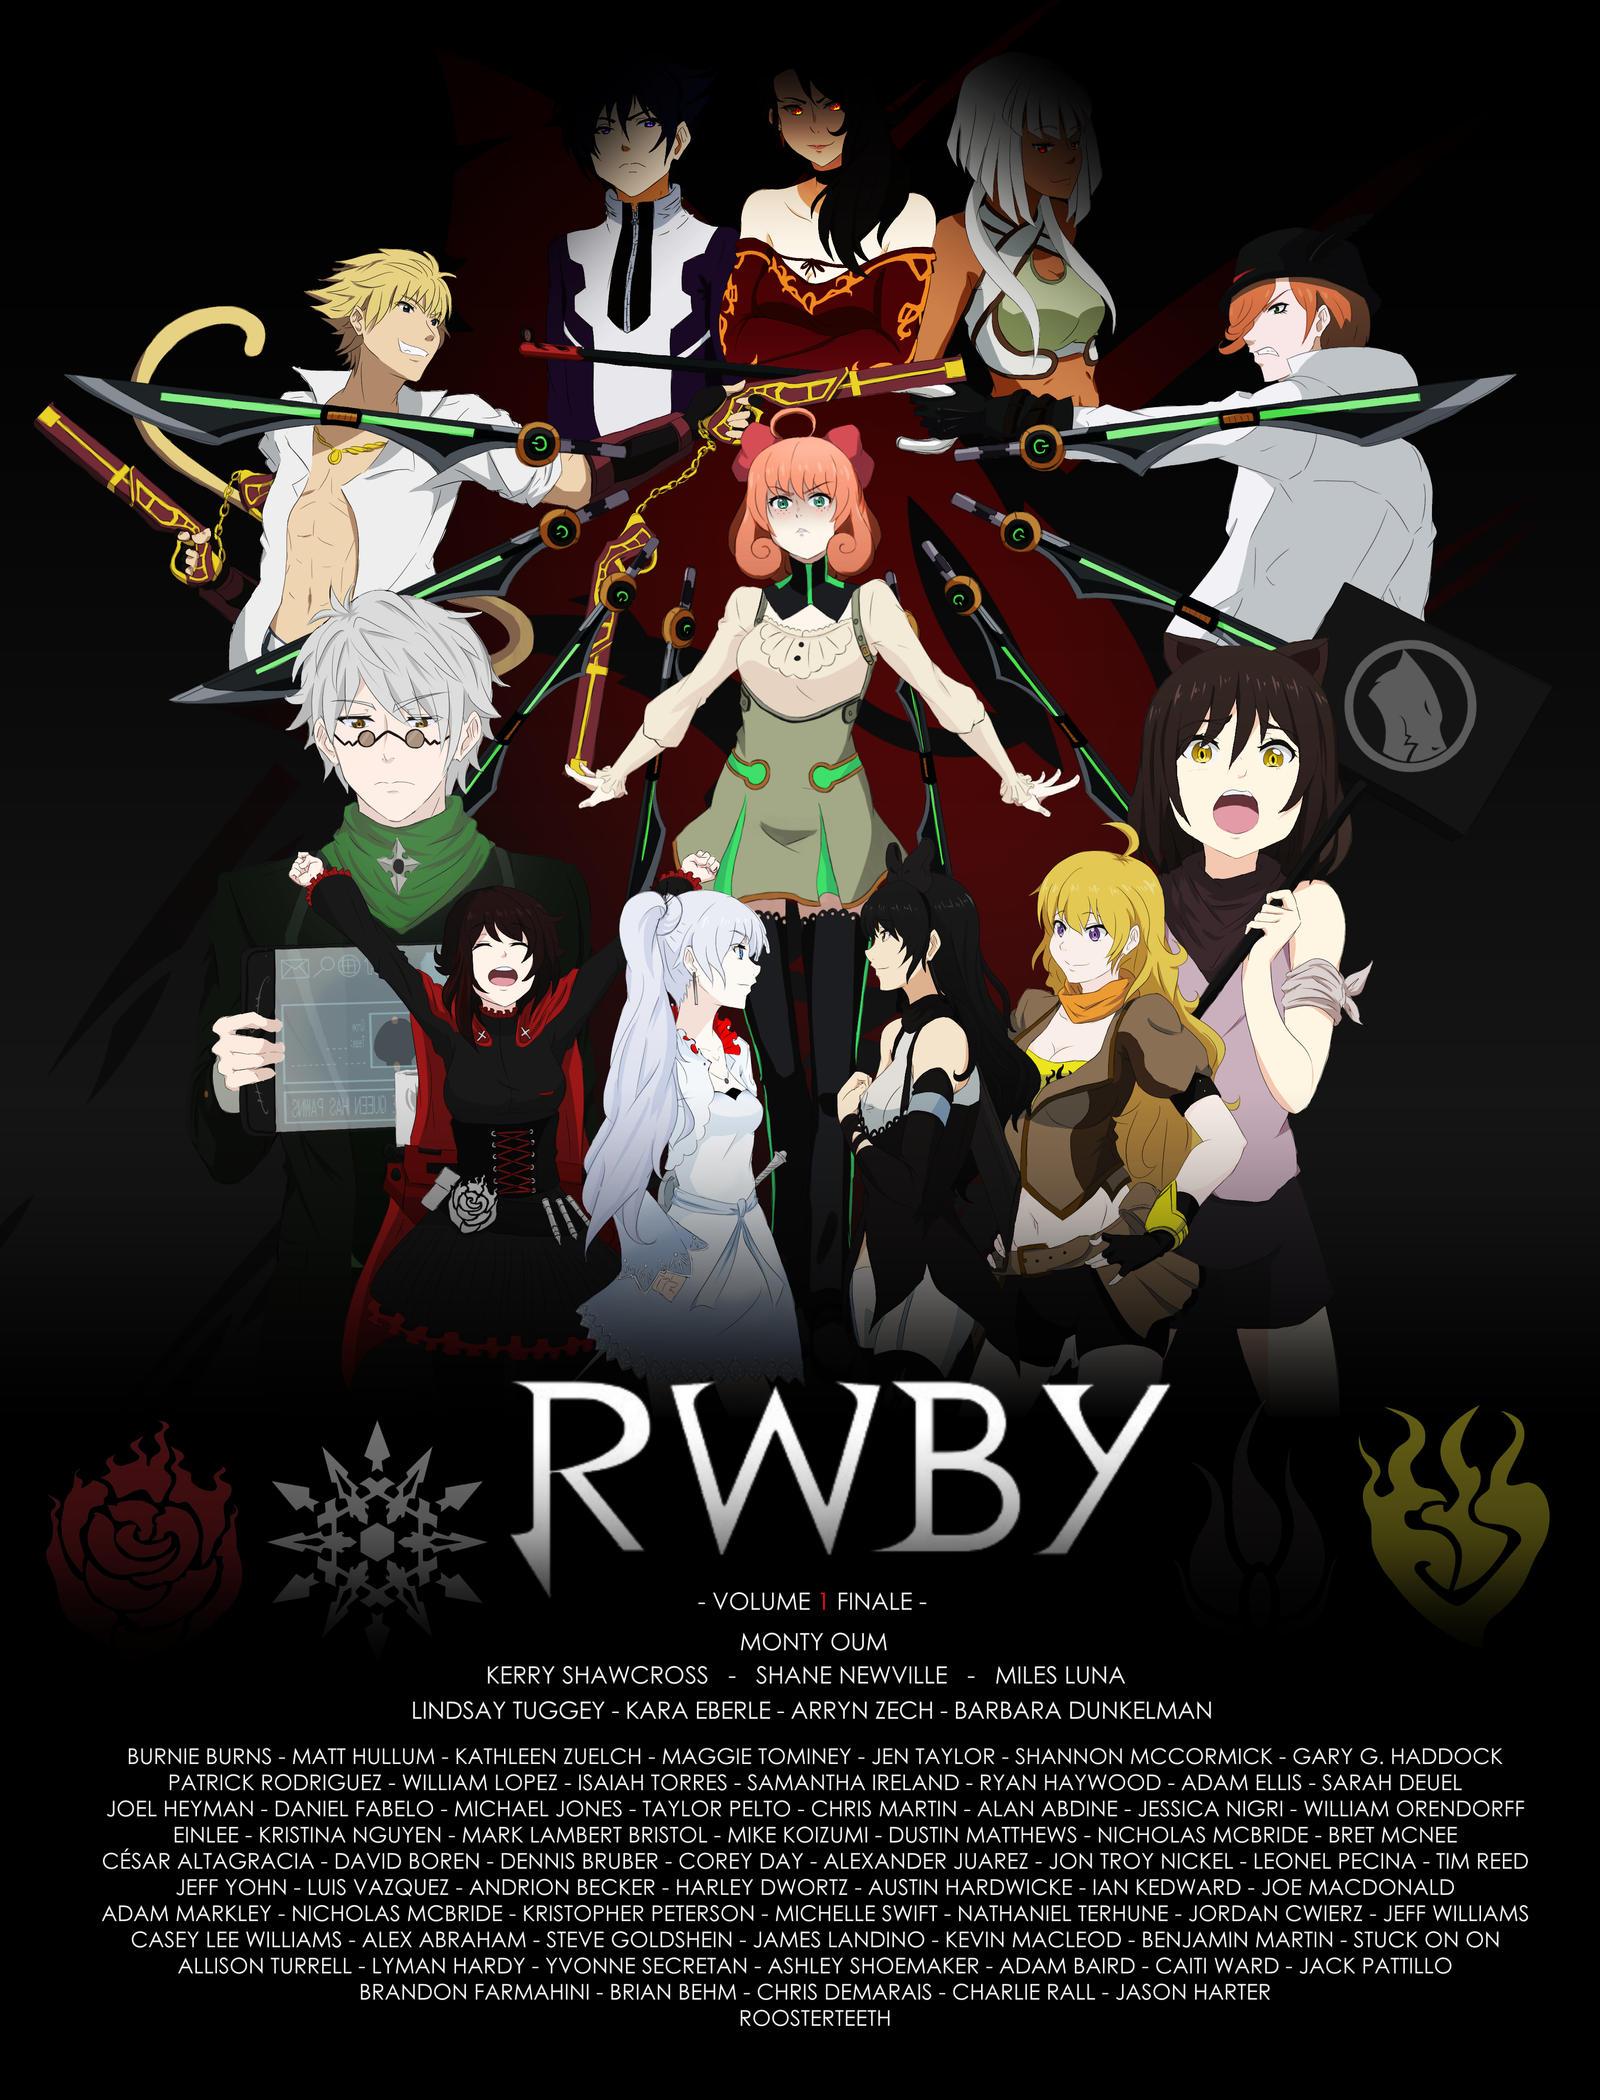 RWBY Volume 1 Finale (PRINT) by shelbybl